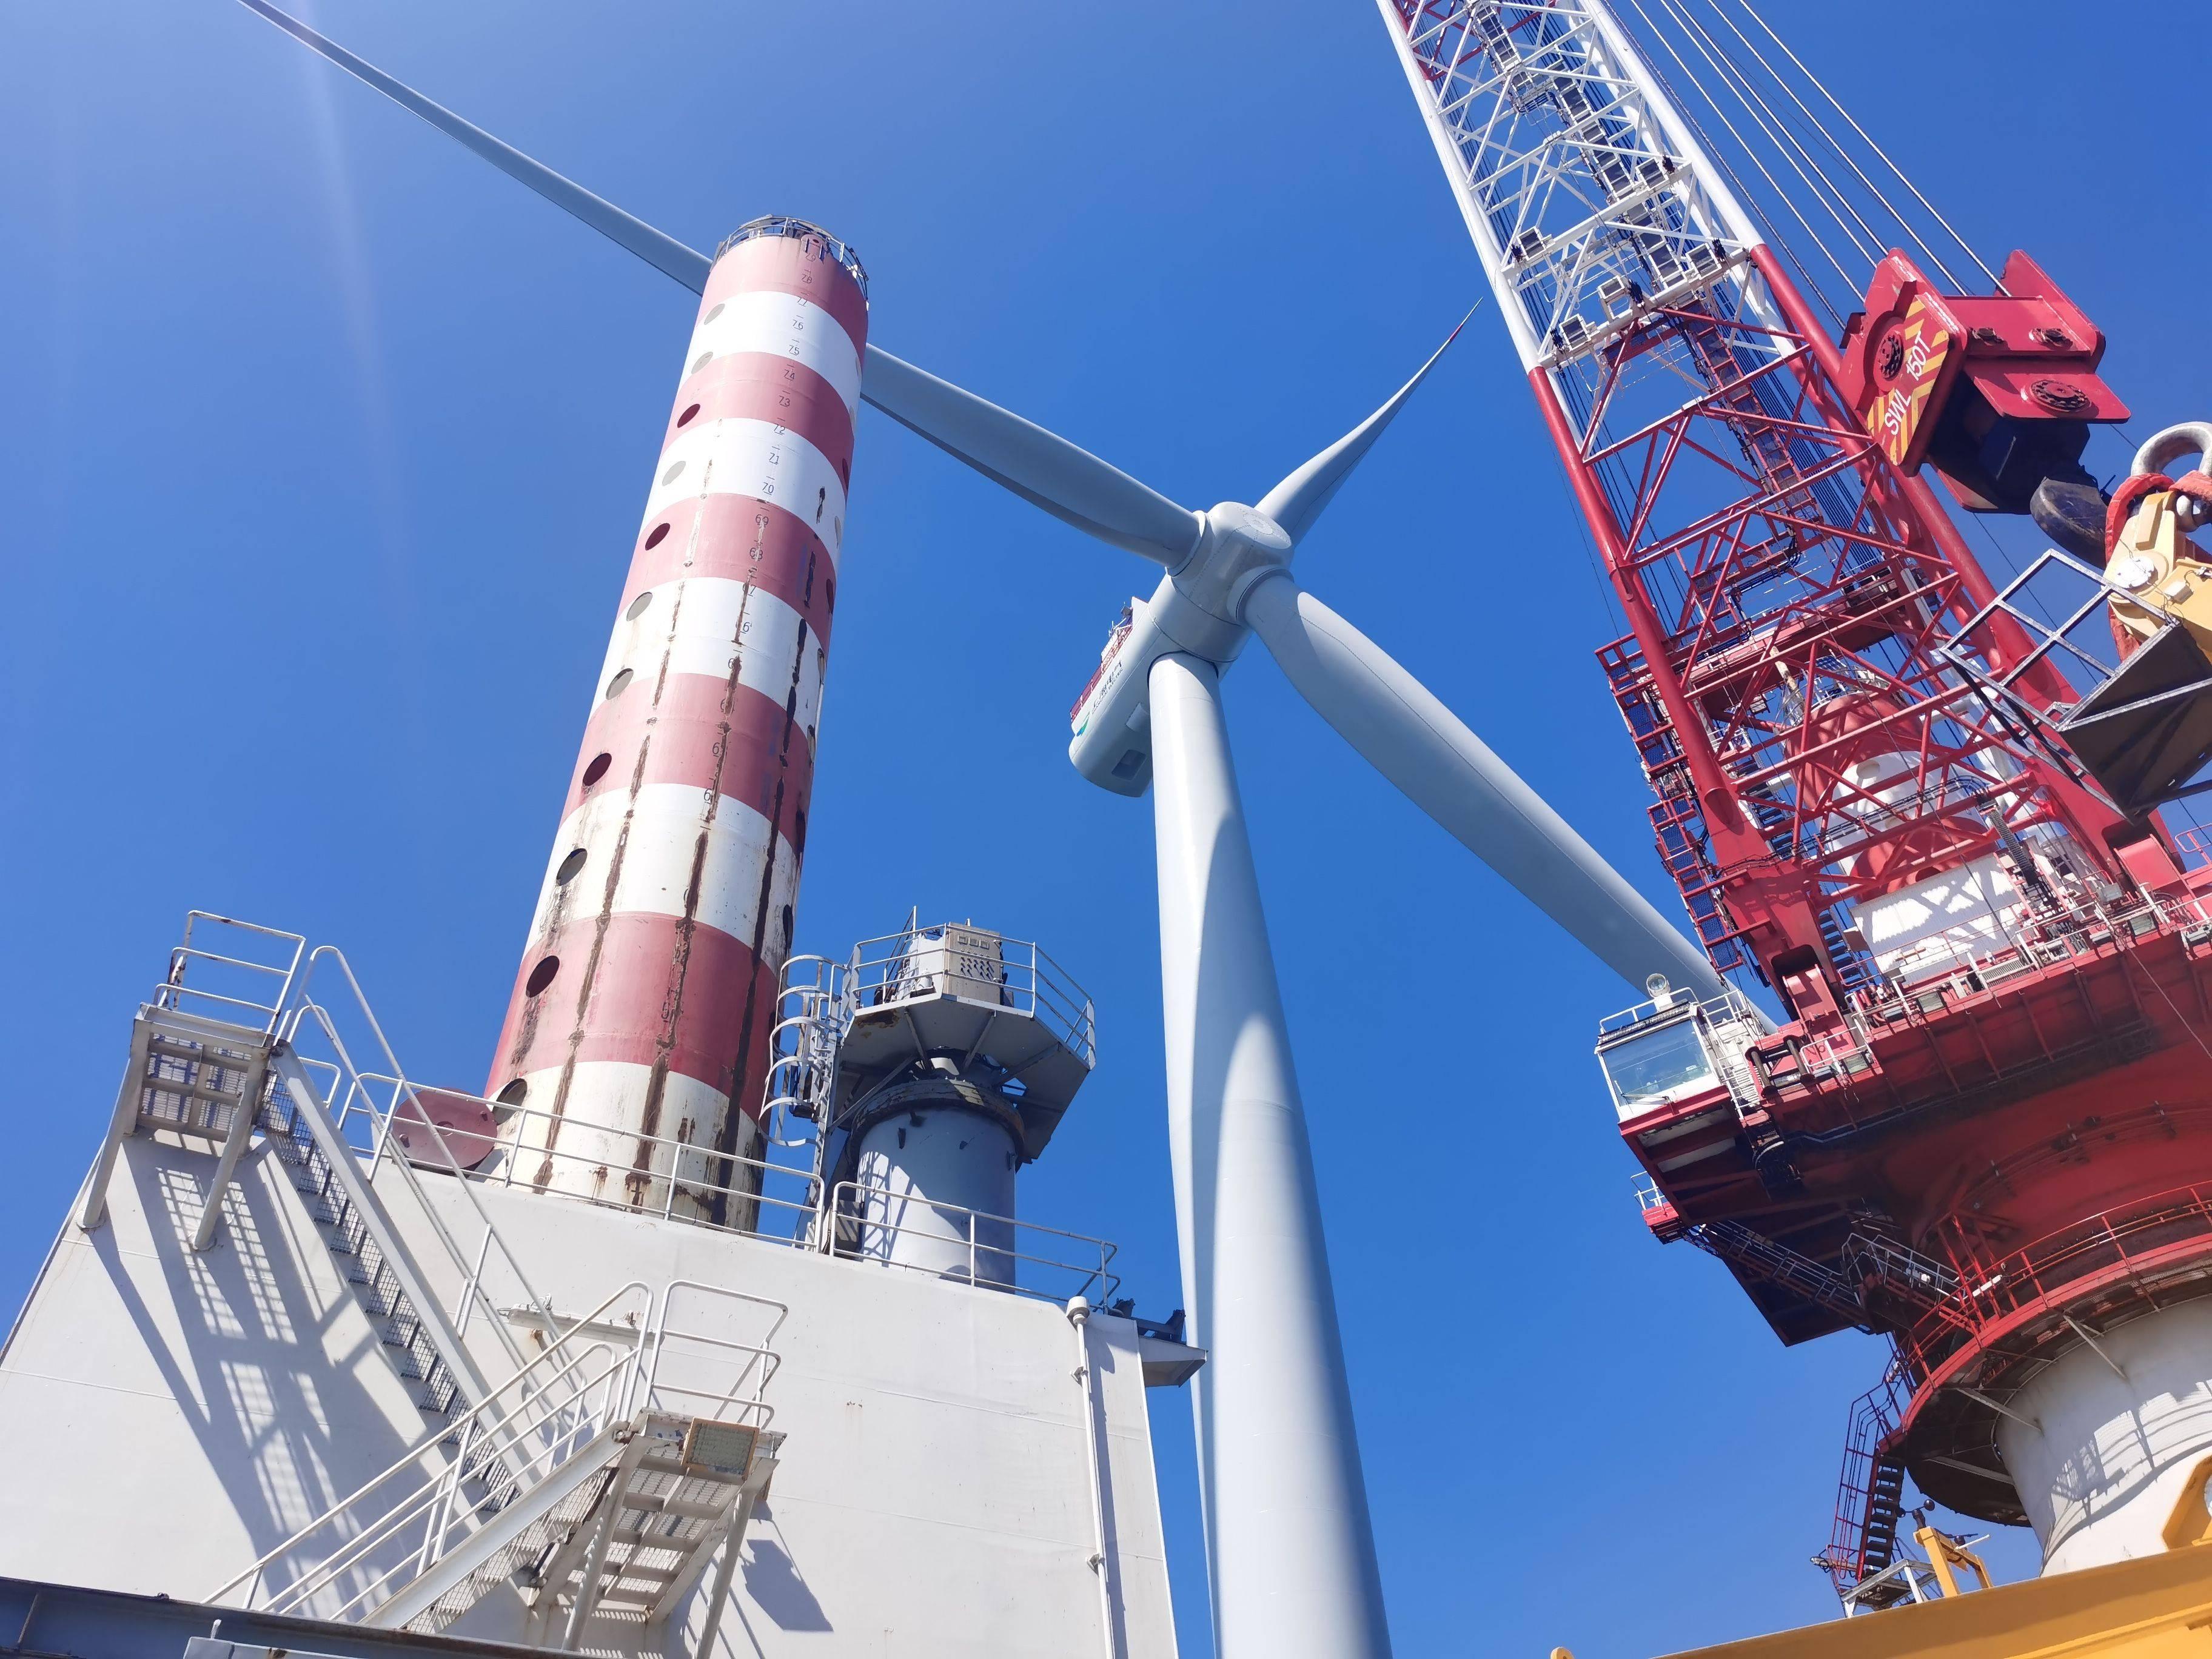 汕头市首个海上风电项目—中国大唐南海海域首个海上风电项目首台风机吊装成功